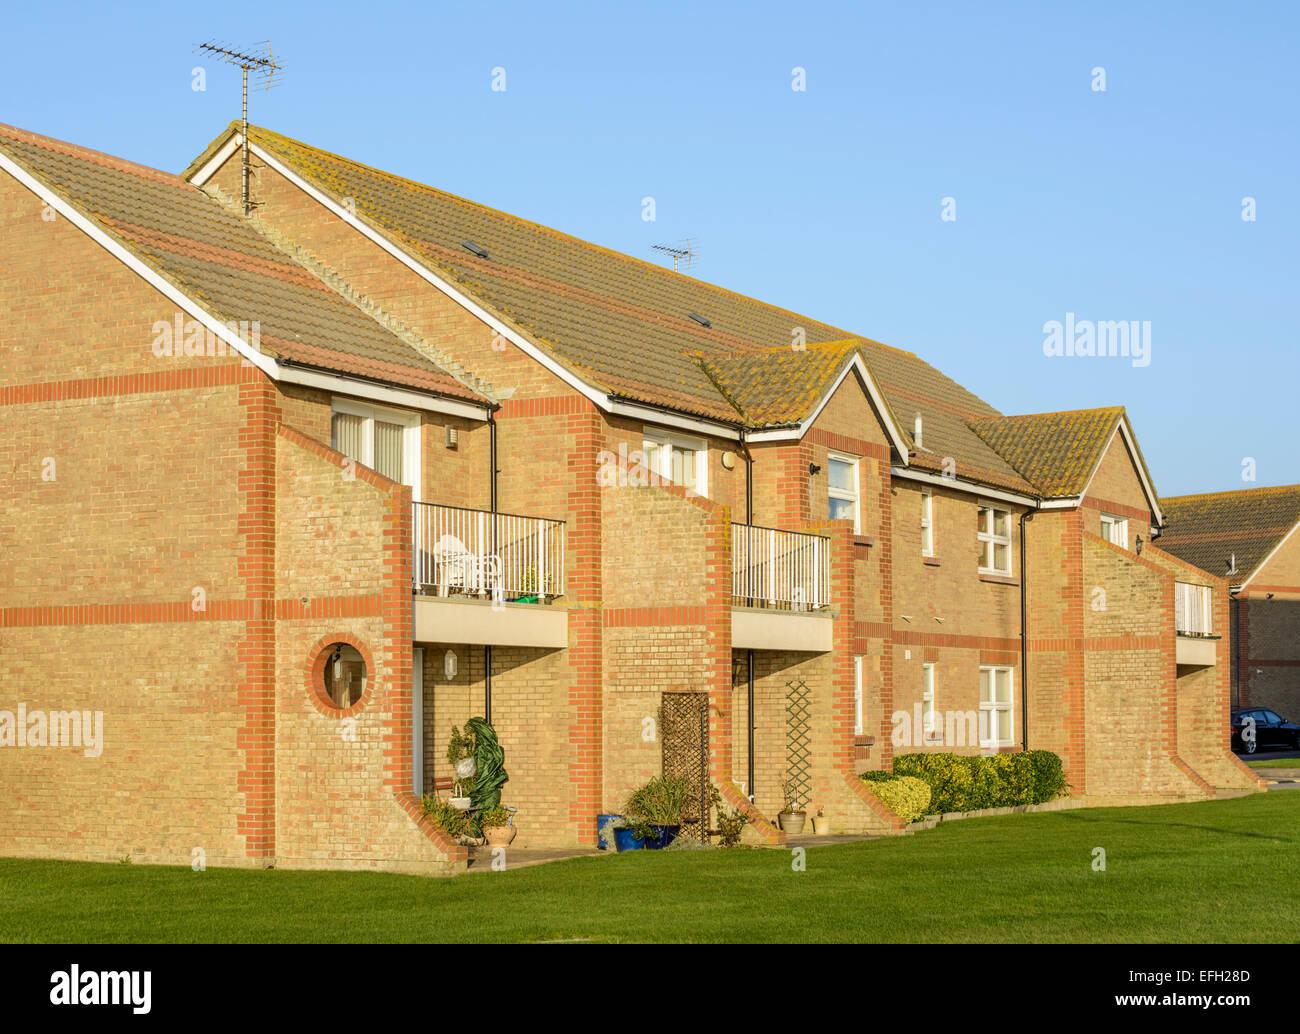 Fila di moderno rosso mattone attaccato/case a schiera nel Regno Unito. Immagini Stock